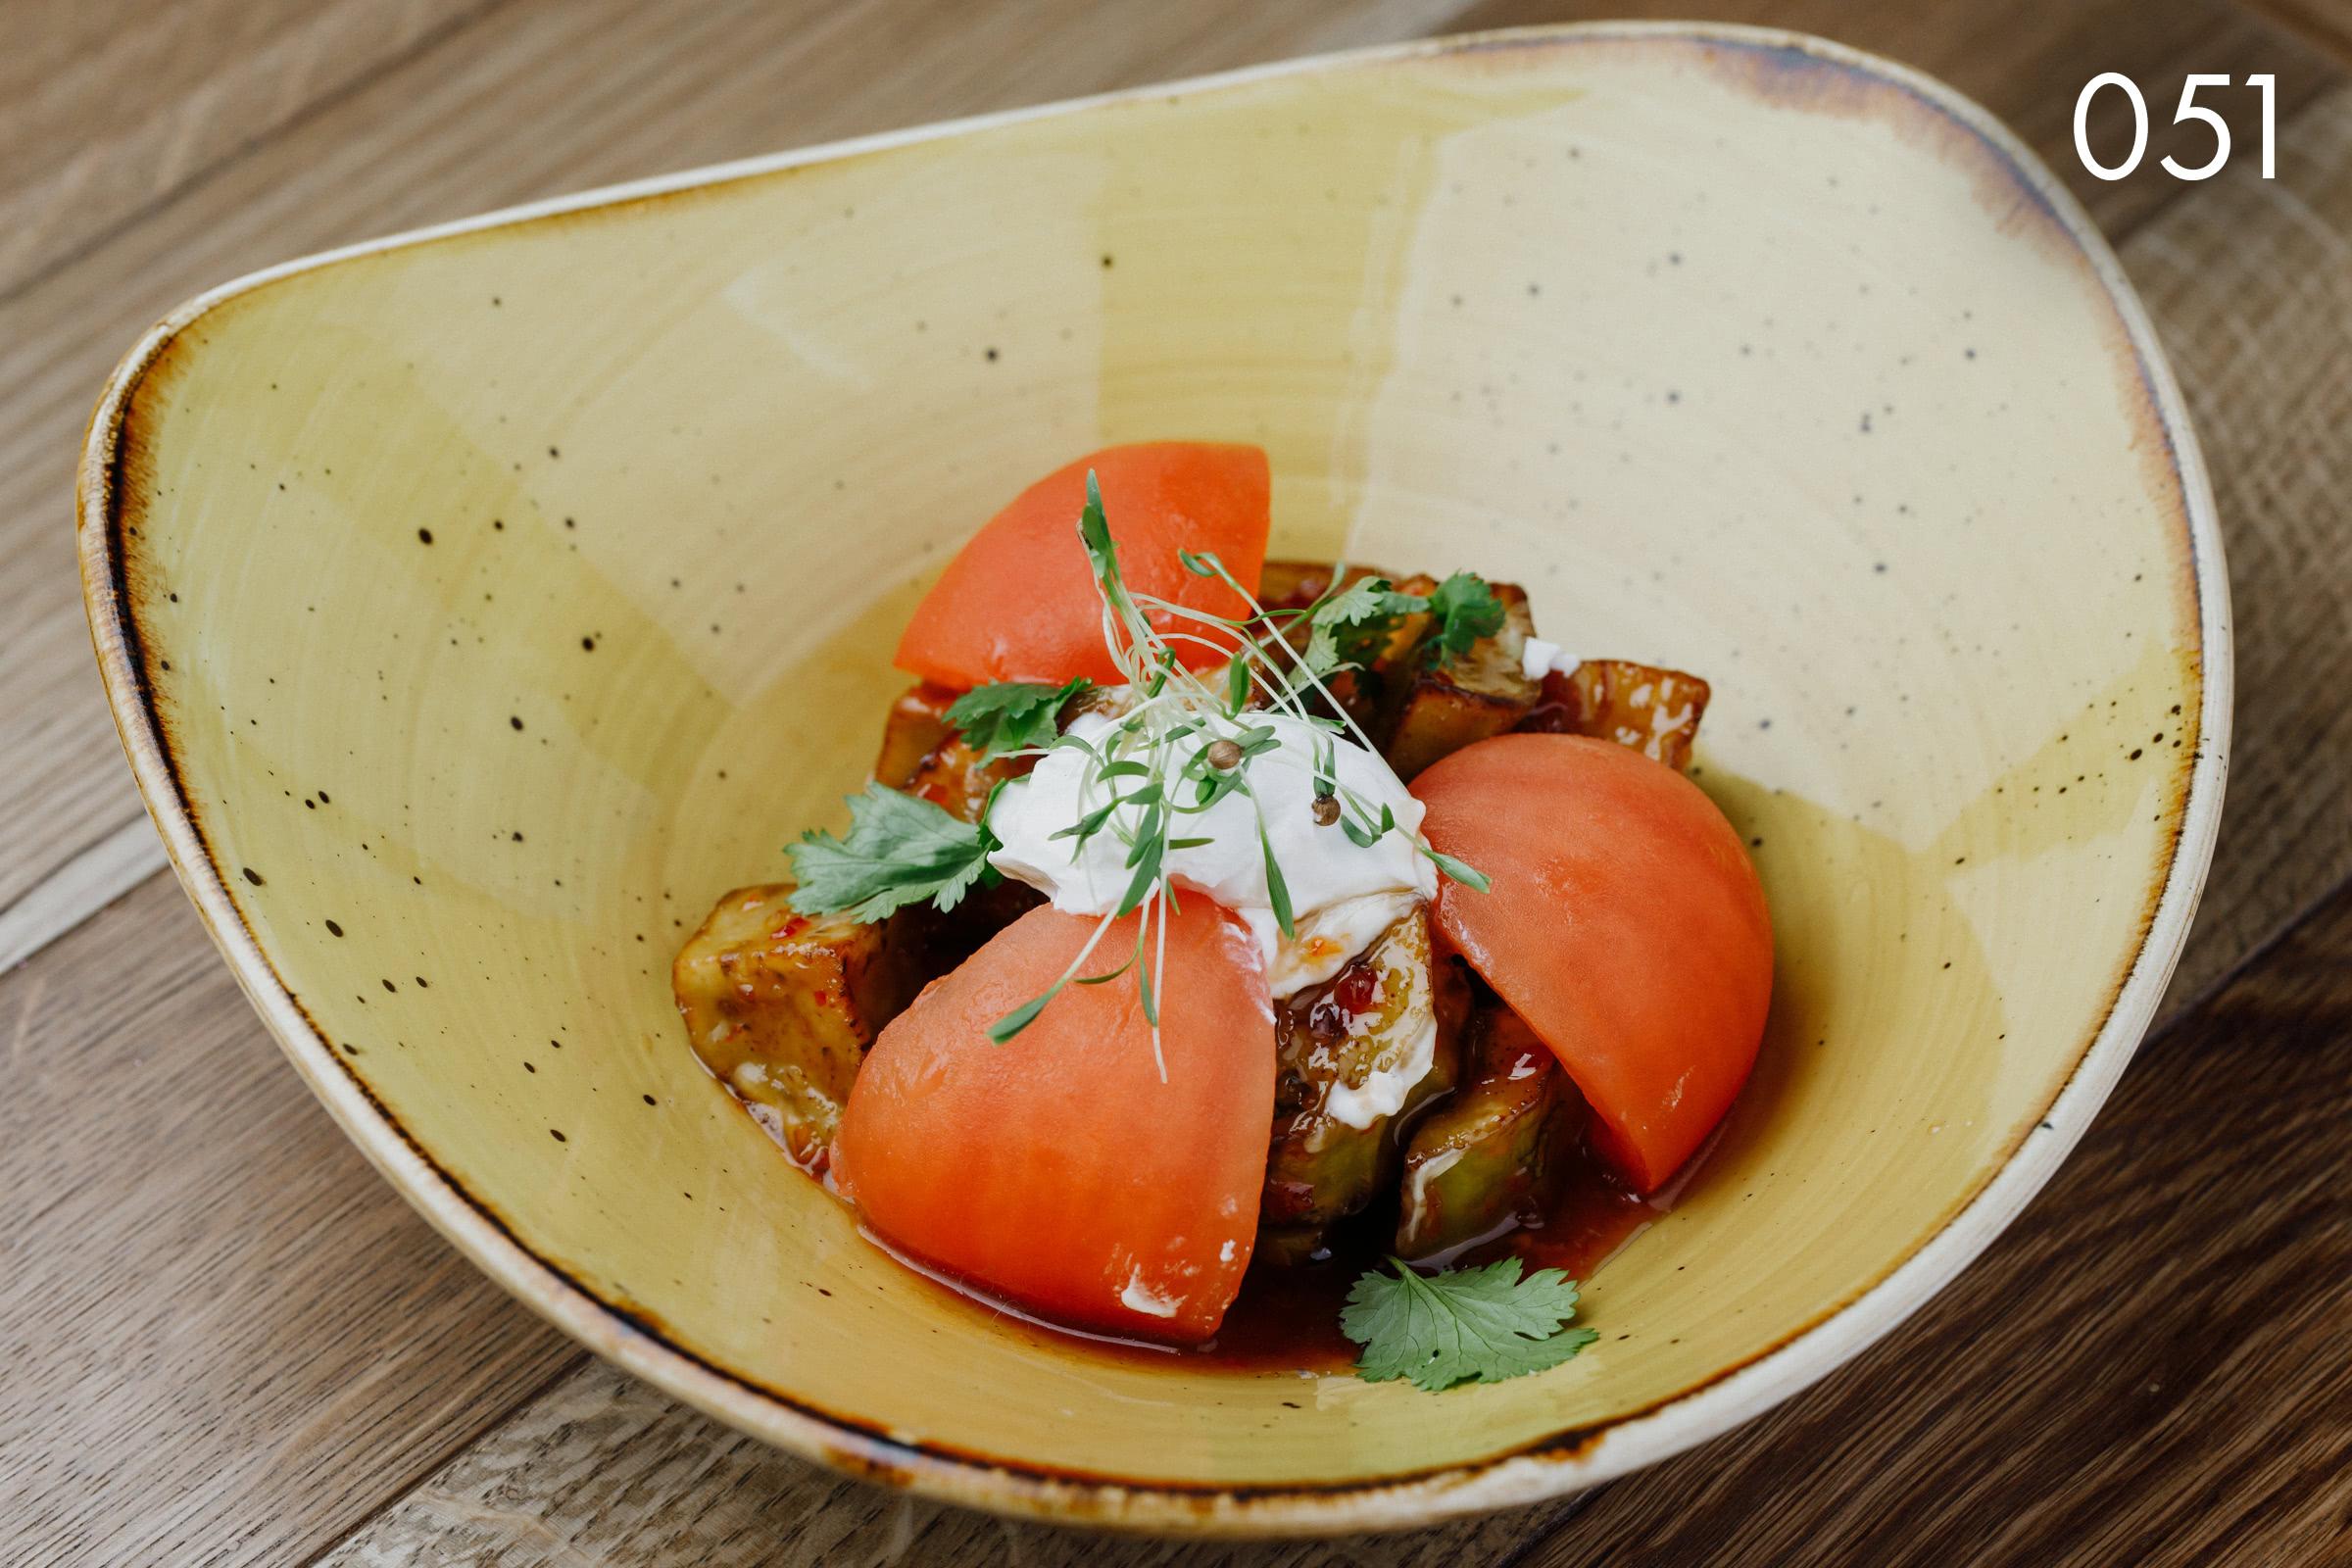 баклажан карамелизированный с козьим сыром темпура в кисло-сладком соусе шисо в ресторане Веранда